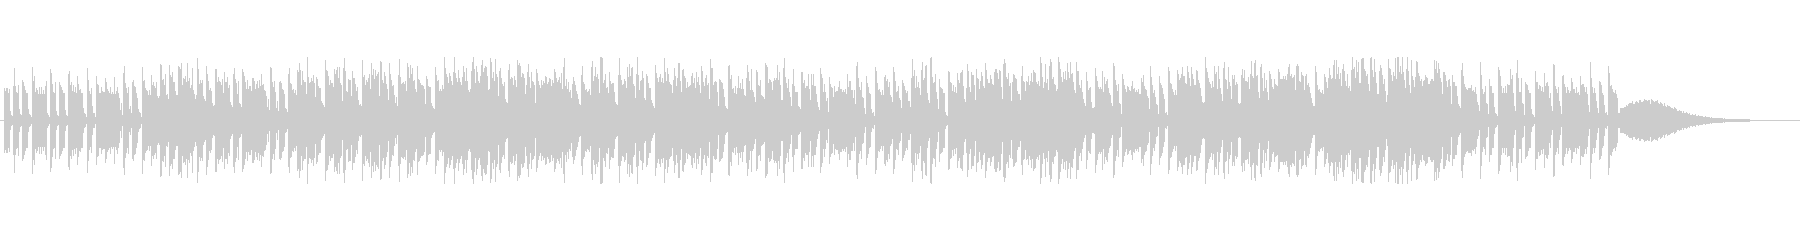 シューティングゲーム風のBGMの未再生の波形